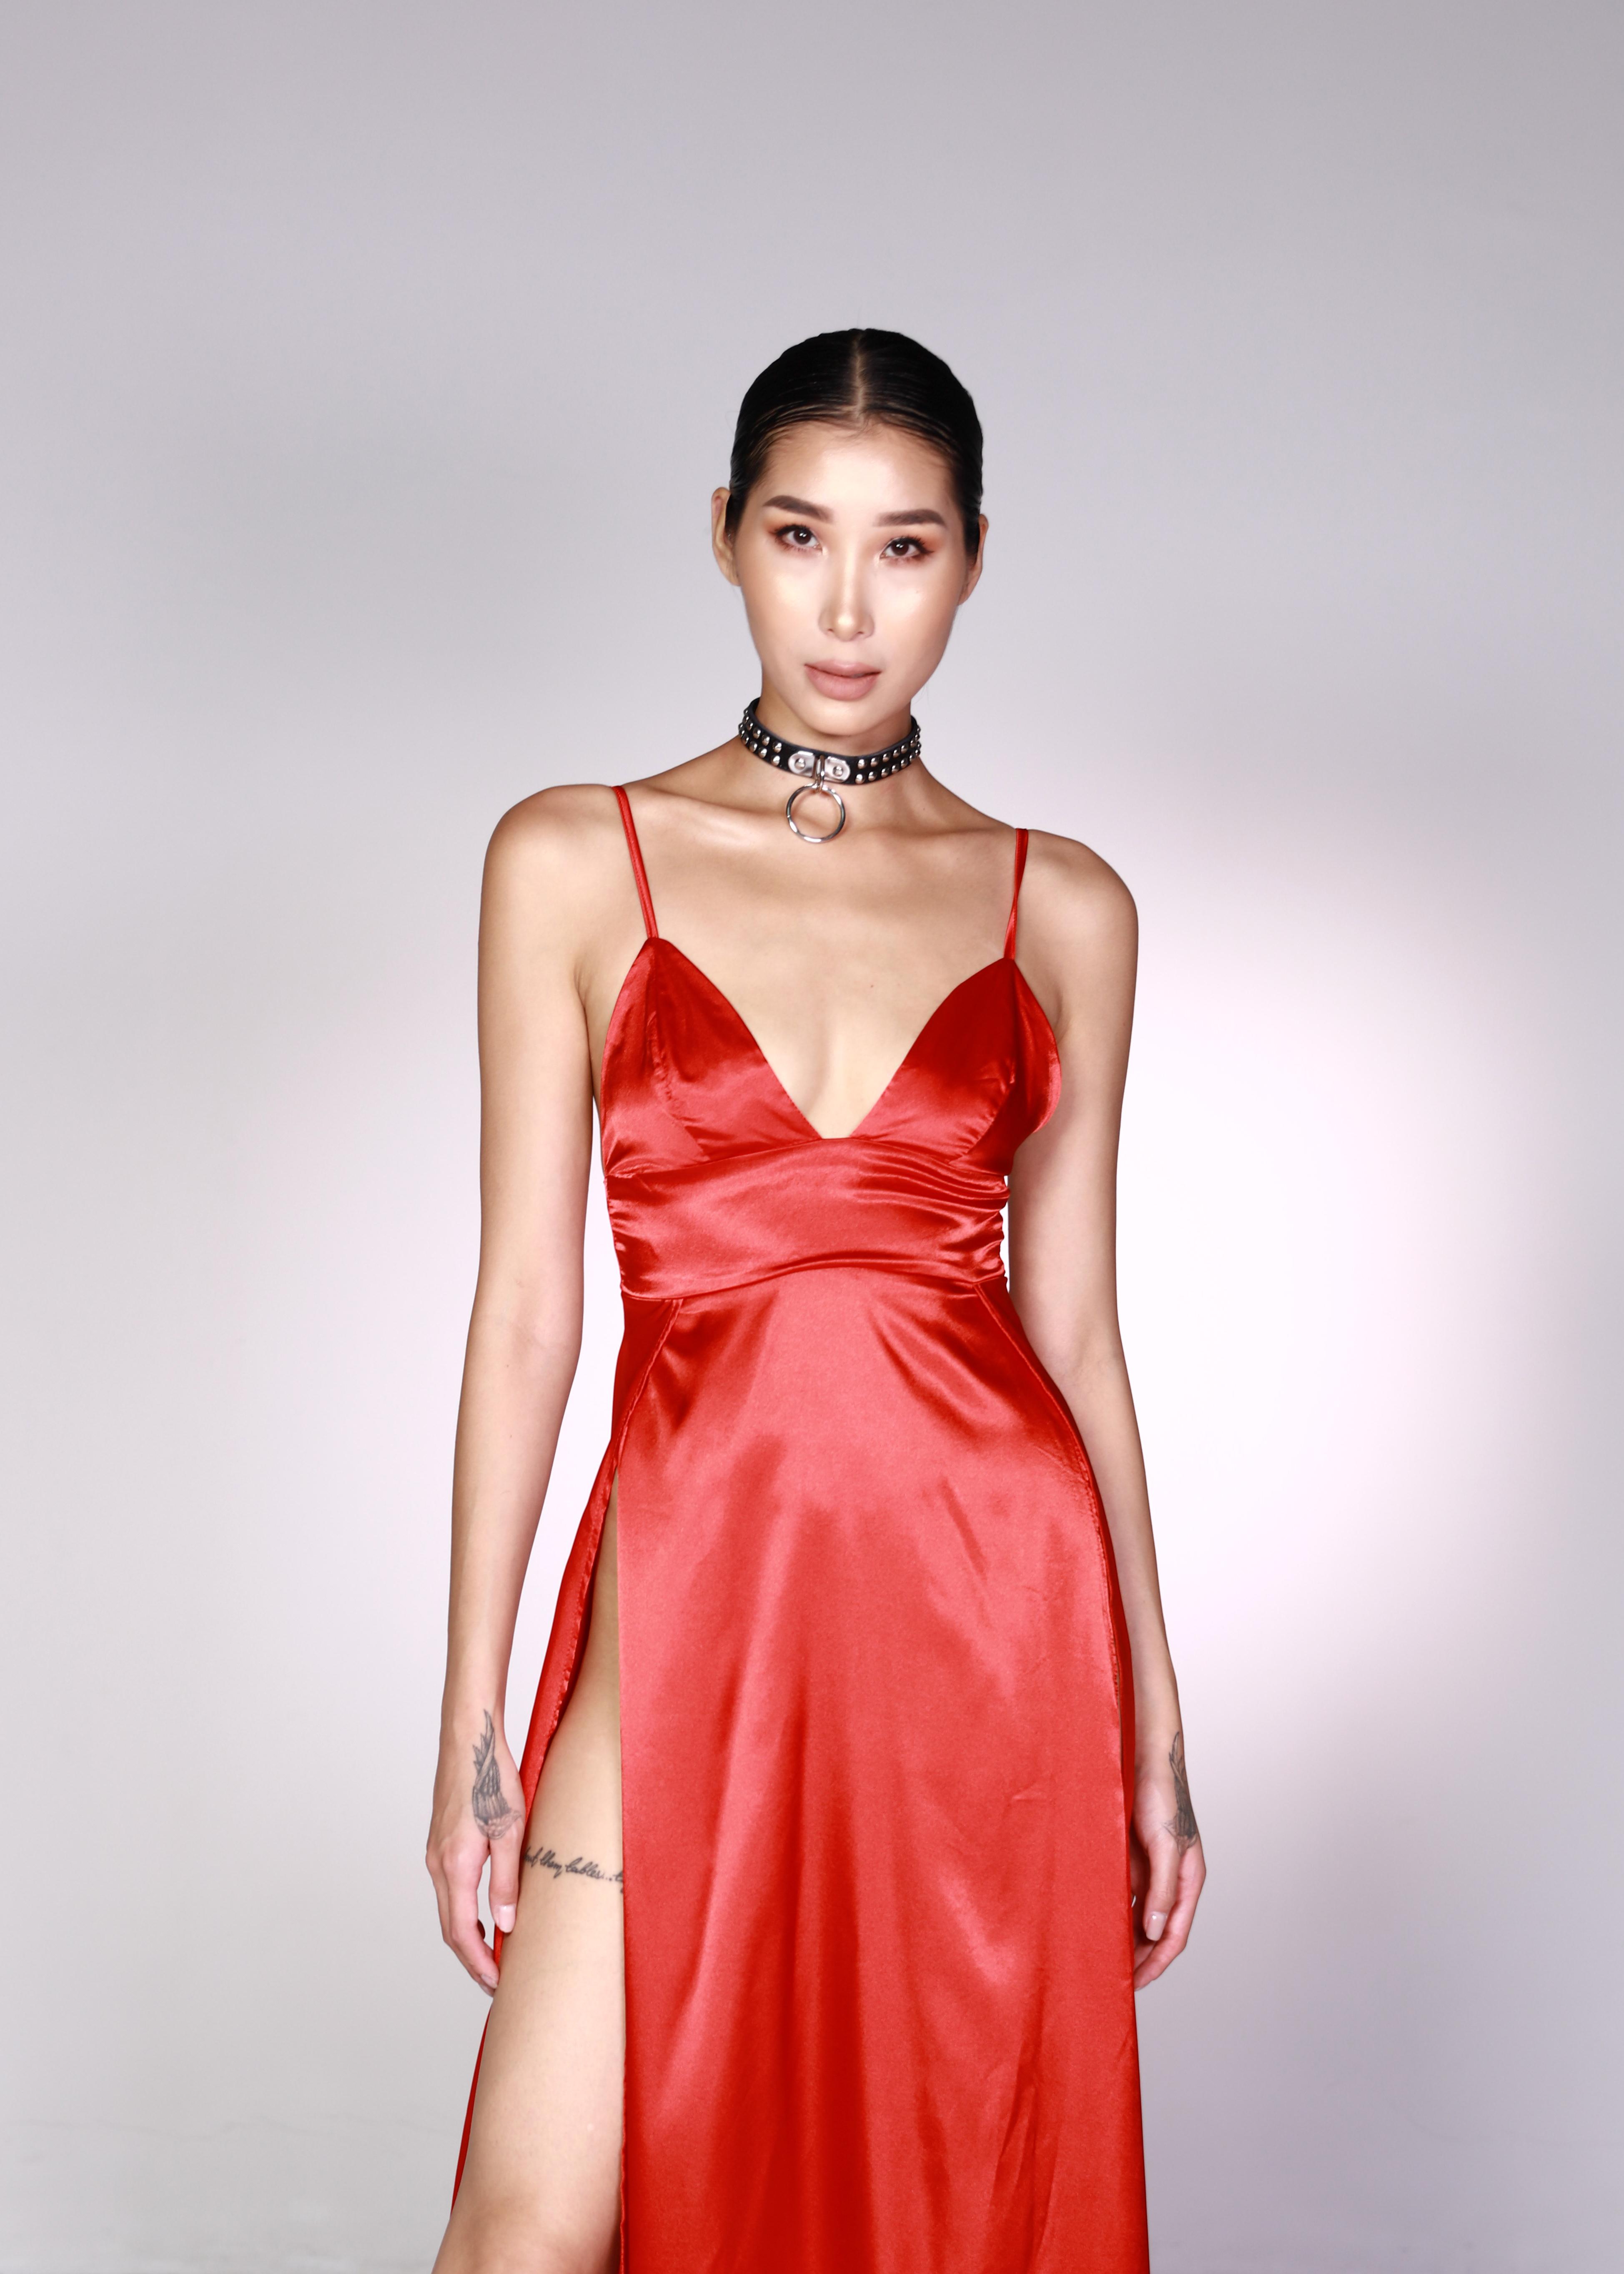 870c9eeac63 Wine Red V Neck Prom Dress - Studio Saru